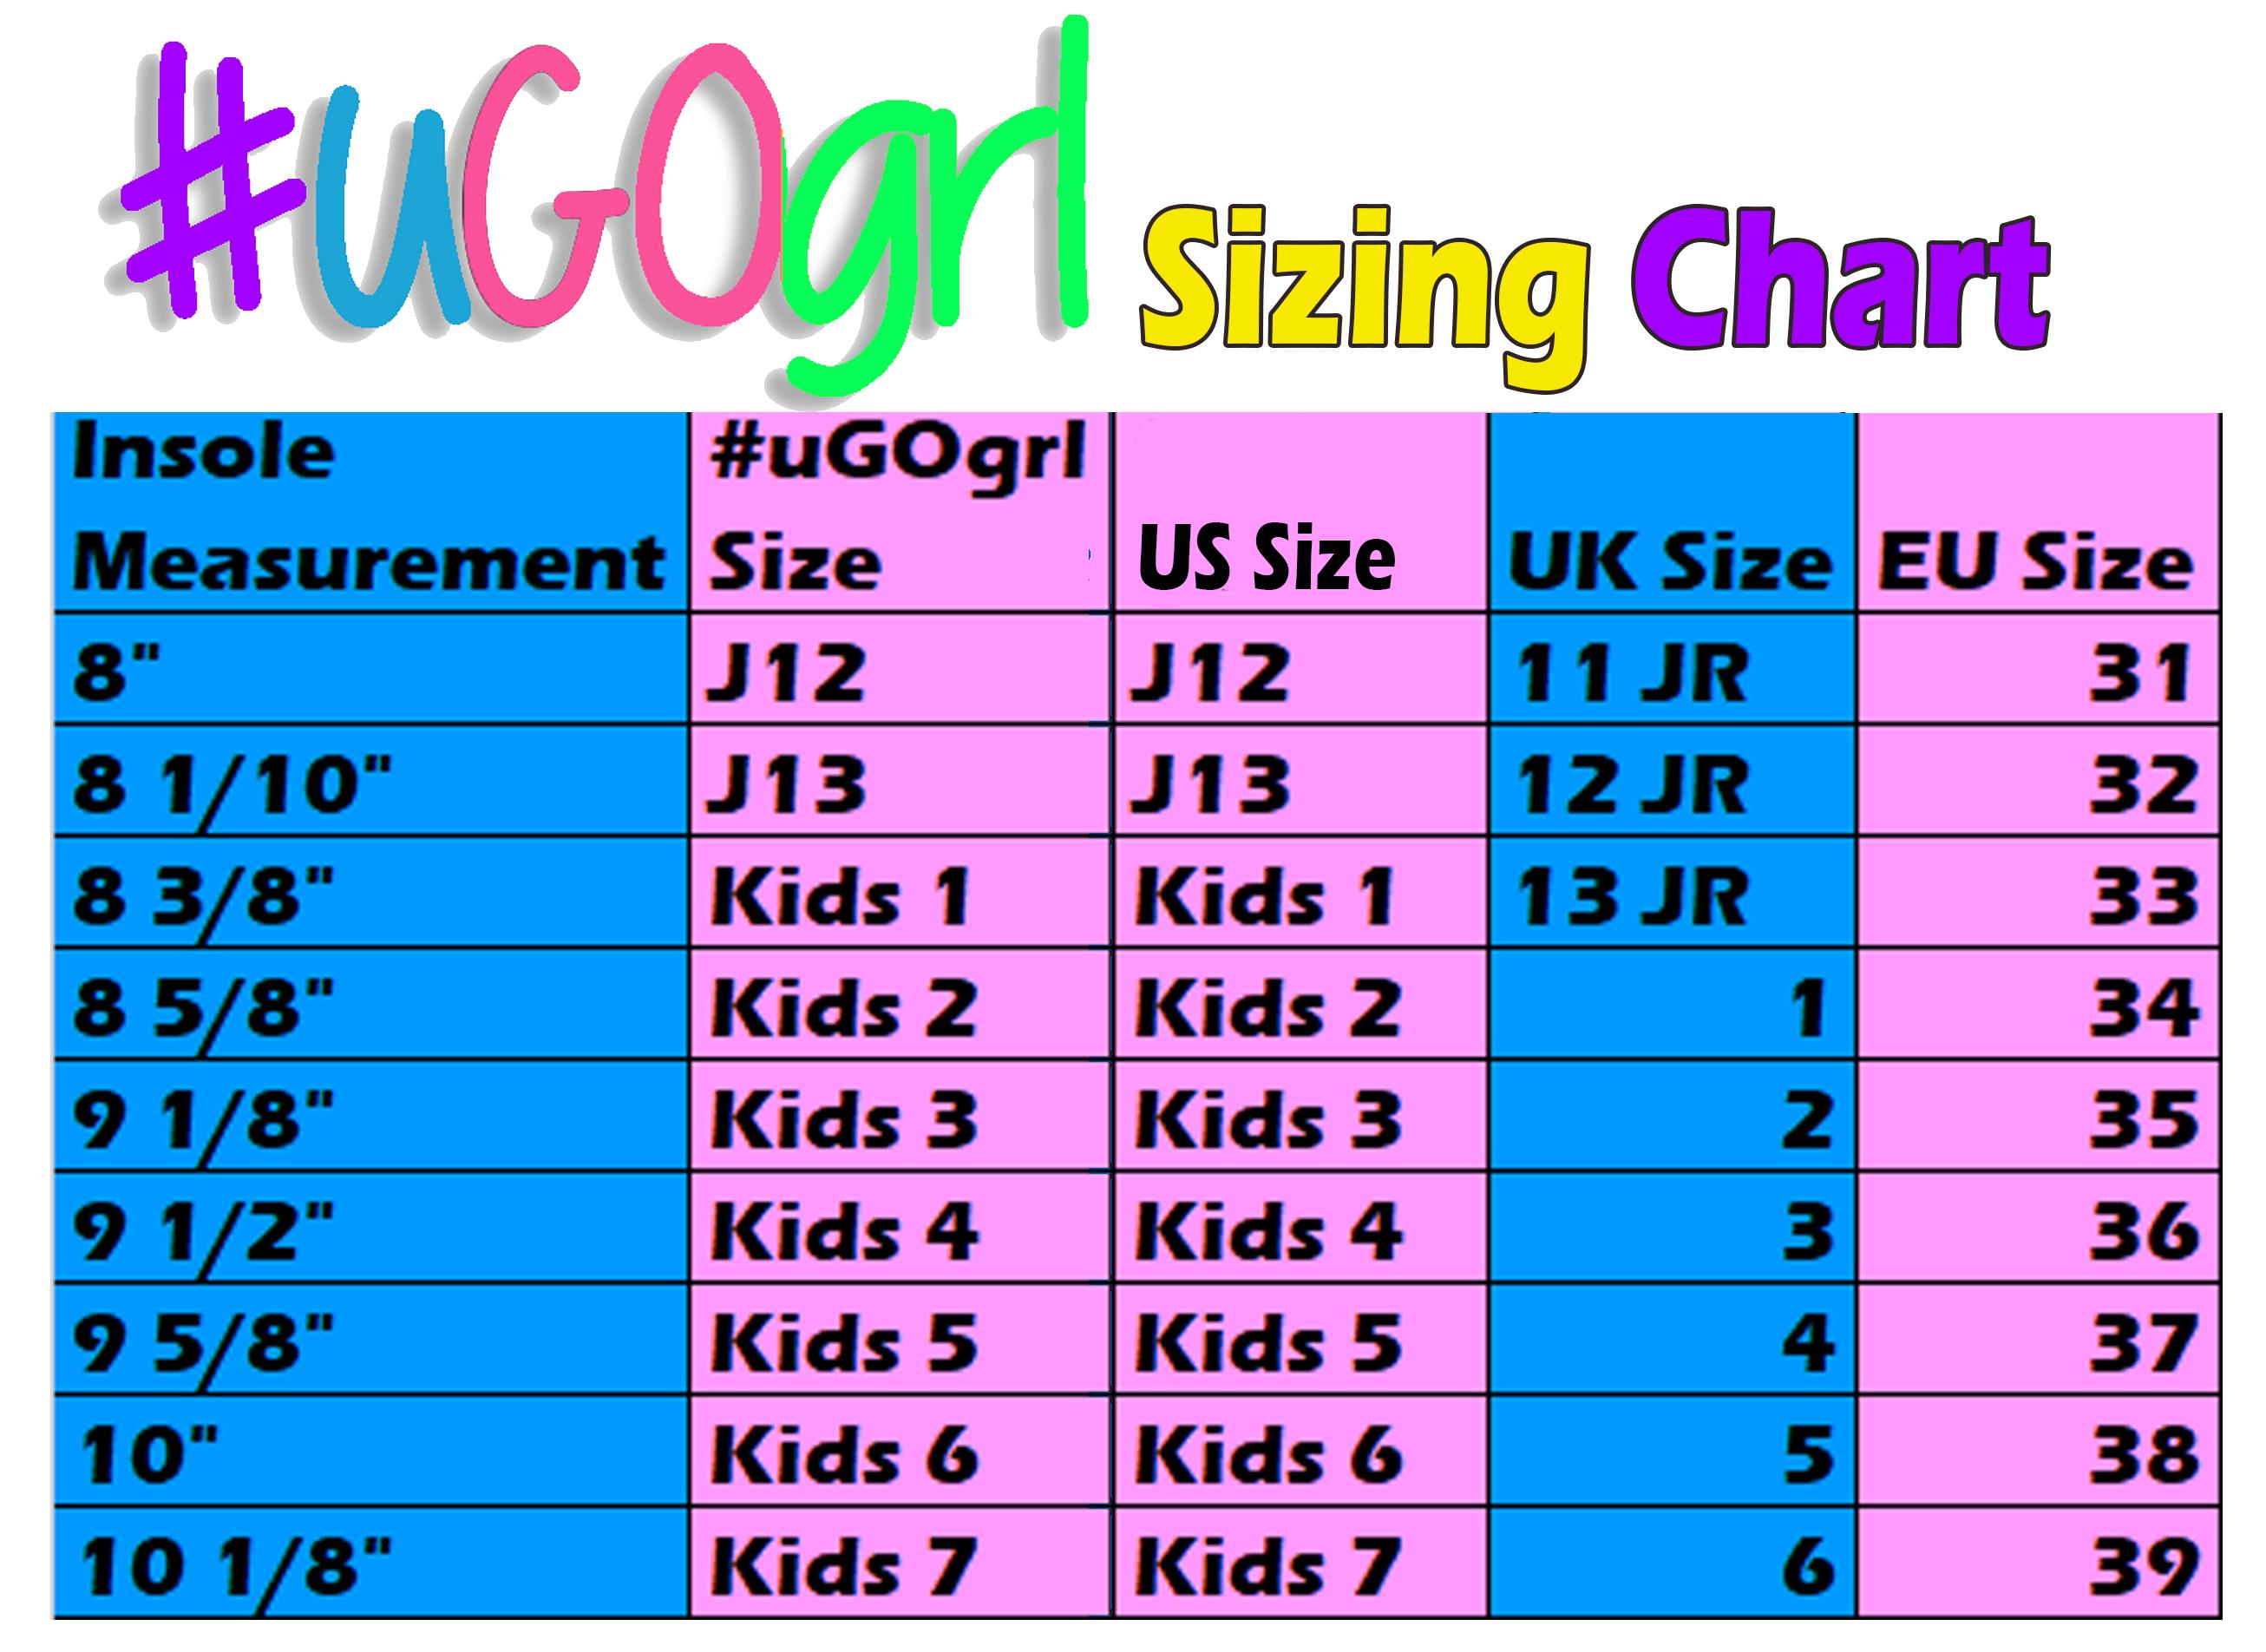 ugogrl-new.jpg